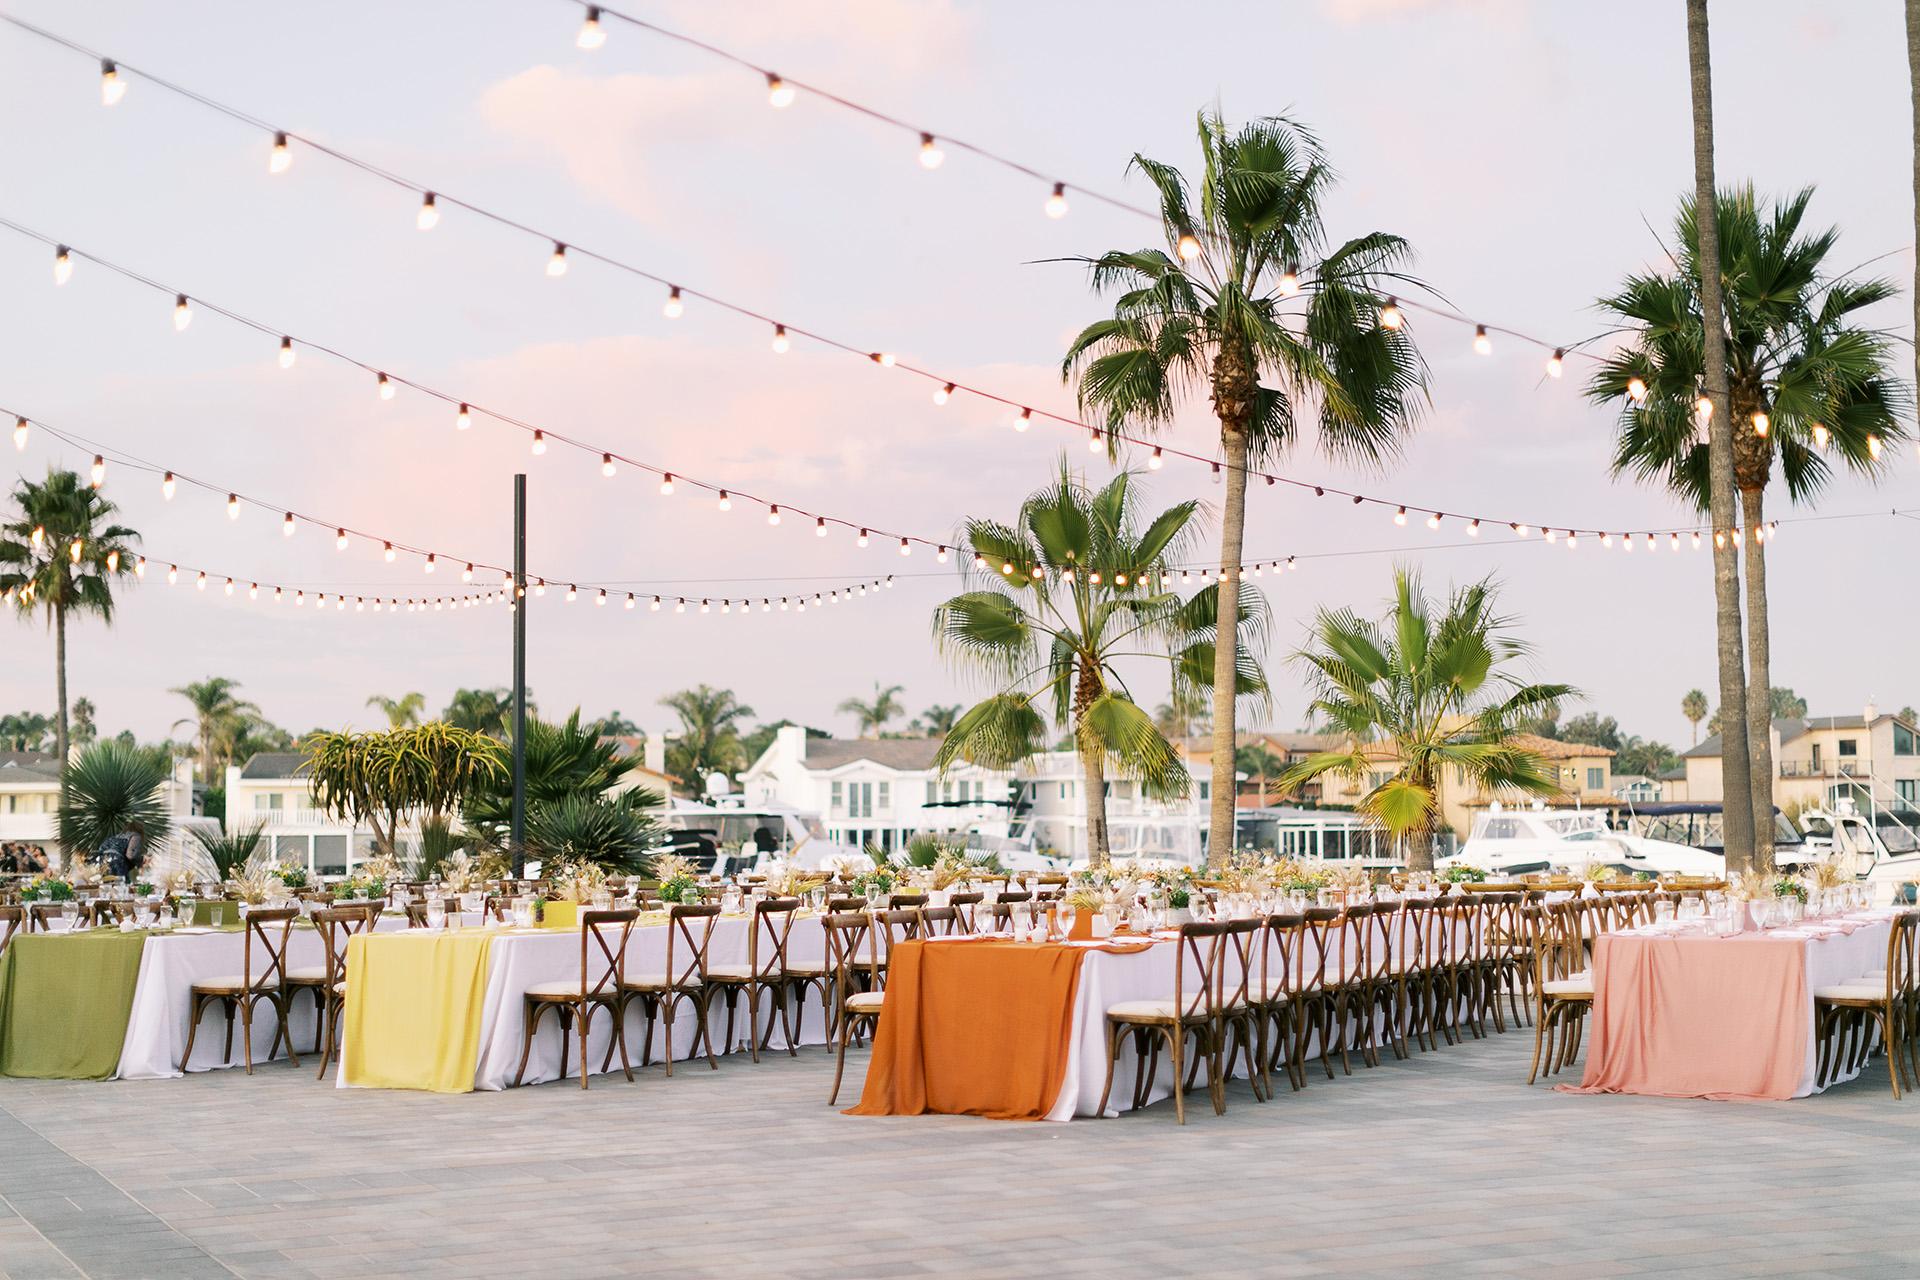 janelle stephen wedding reception